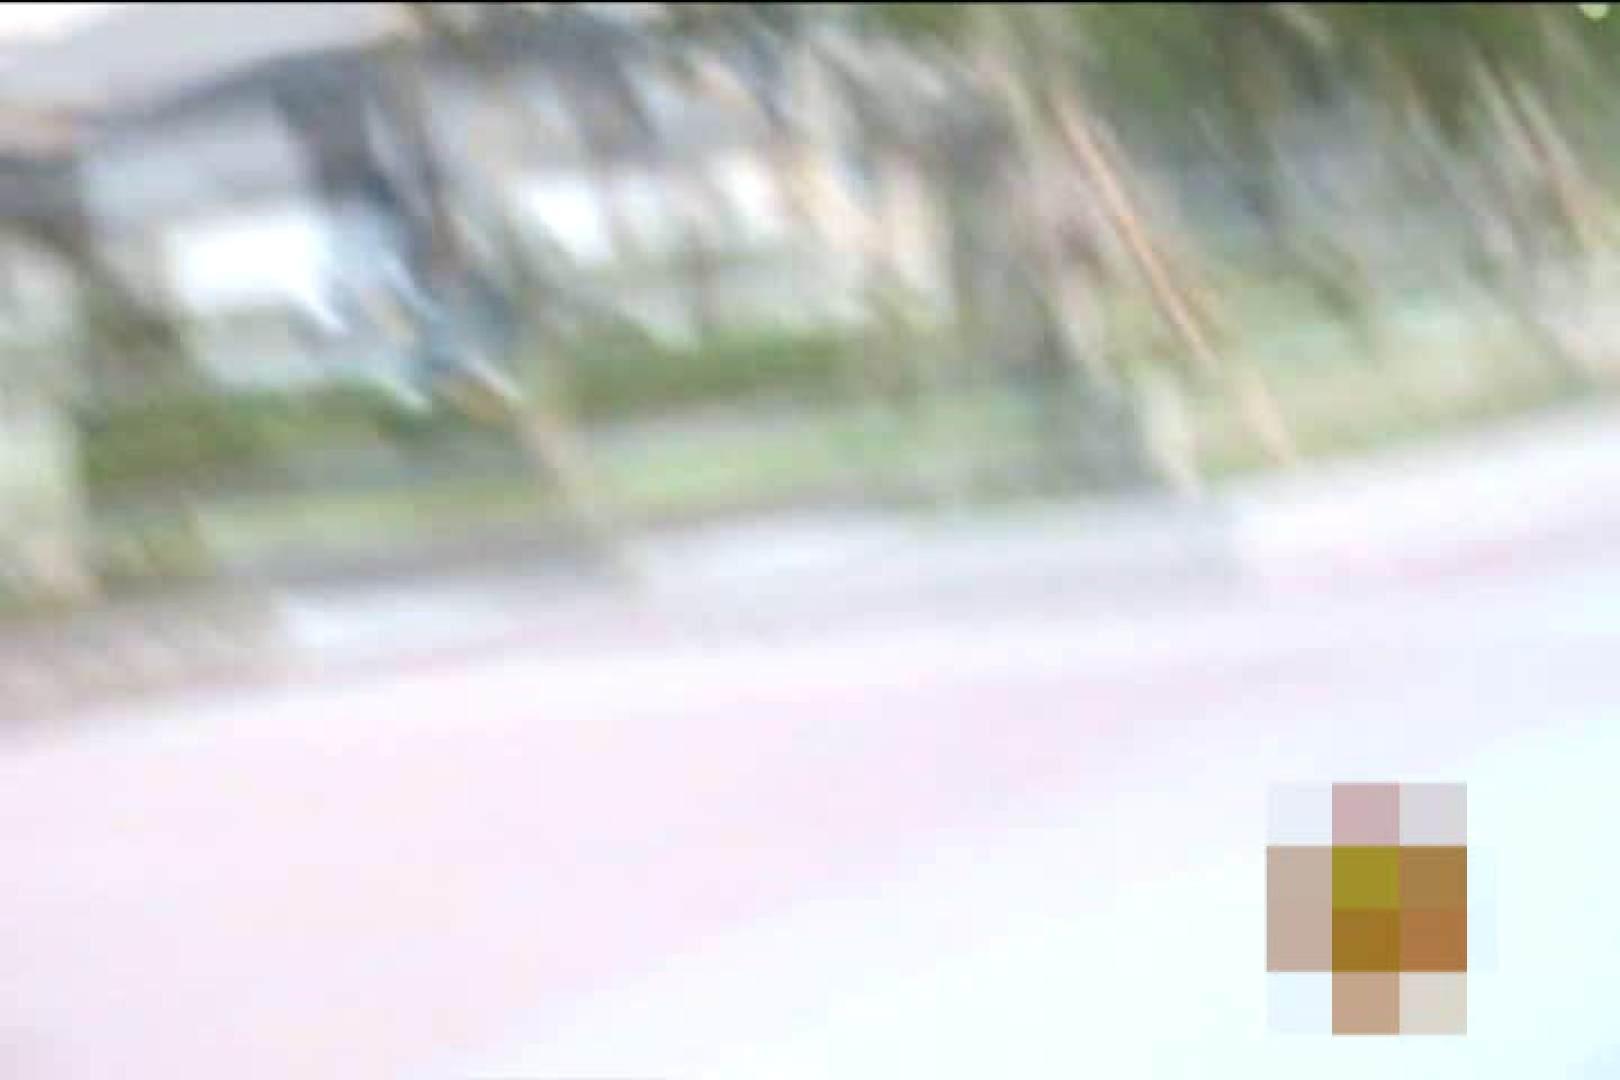 検証!隠し撮りスカートめくり!!Vol.3 素人 覗き性交動画流出 59pic 26